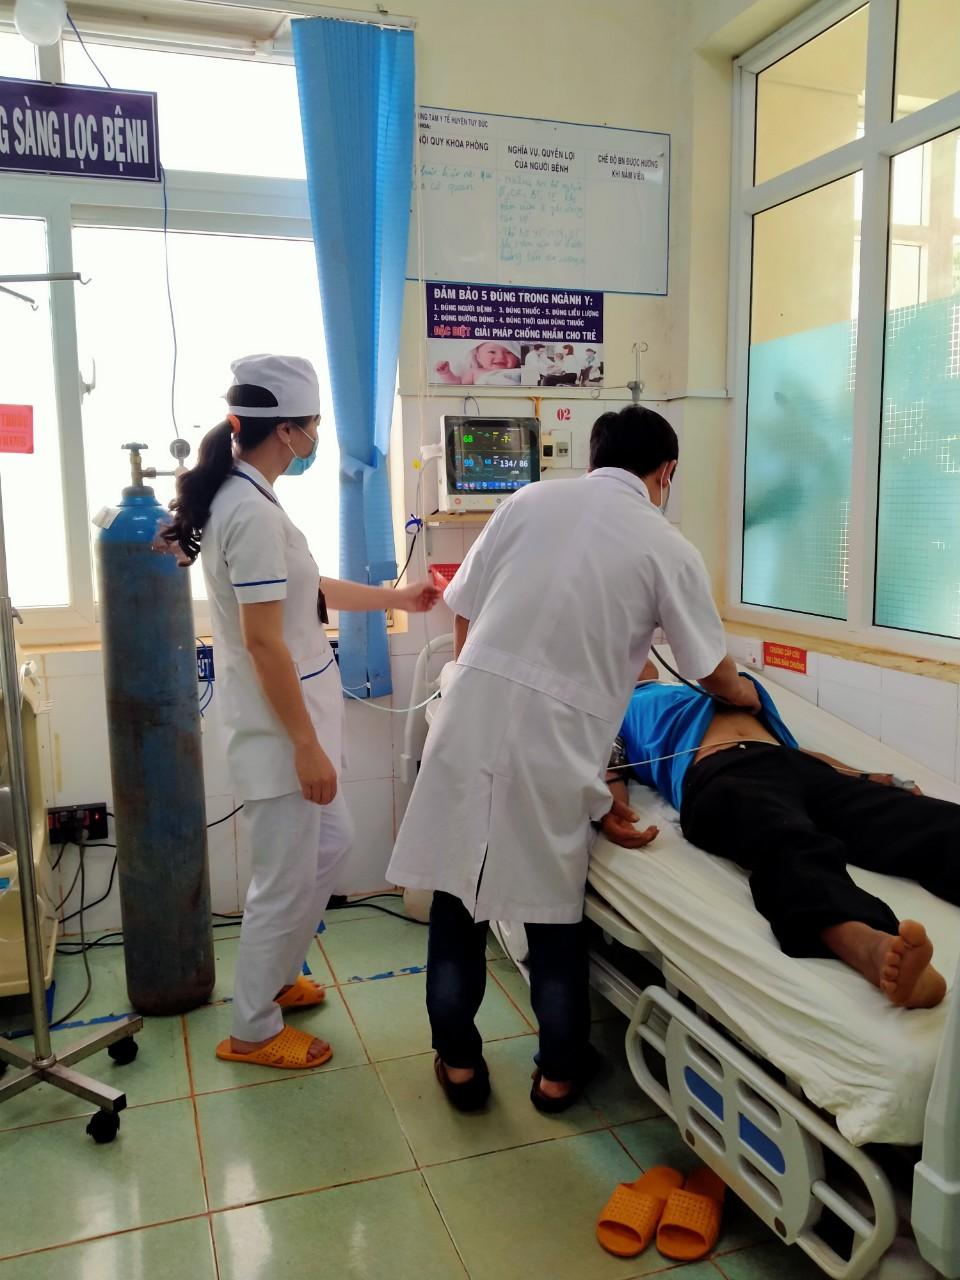 Đắk Nông: Nỗ lực trong công tác khám, chữa bệnh ở huyện biên giới Tuy Đức - Ảnh 2.